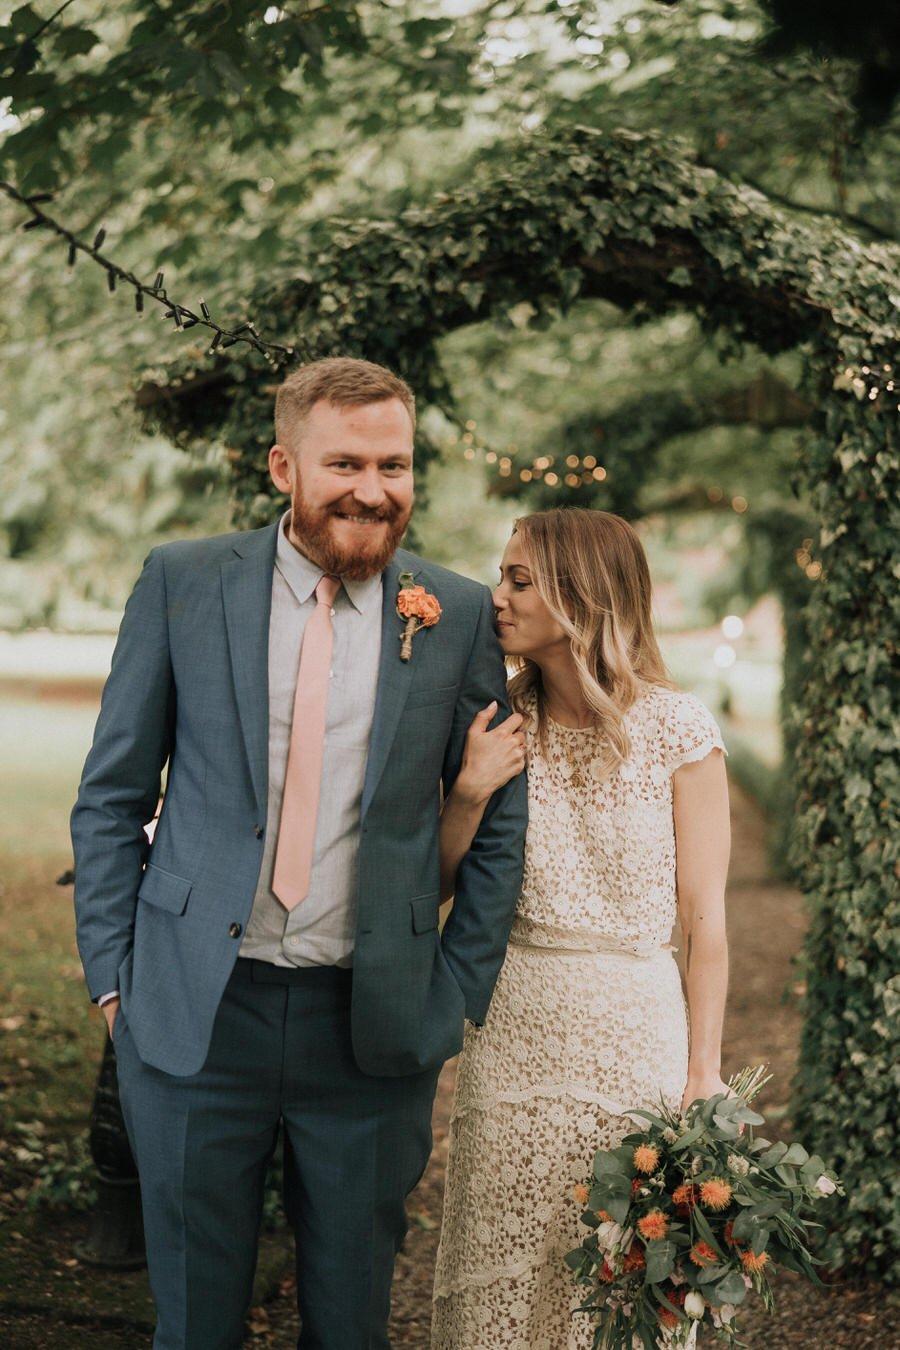 The-Station-House-wedding-Dublin-photographer- 0110 108